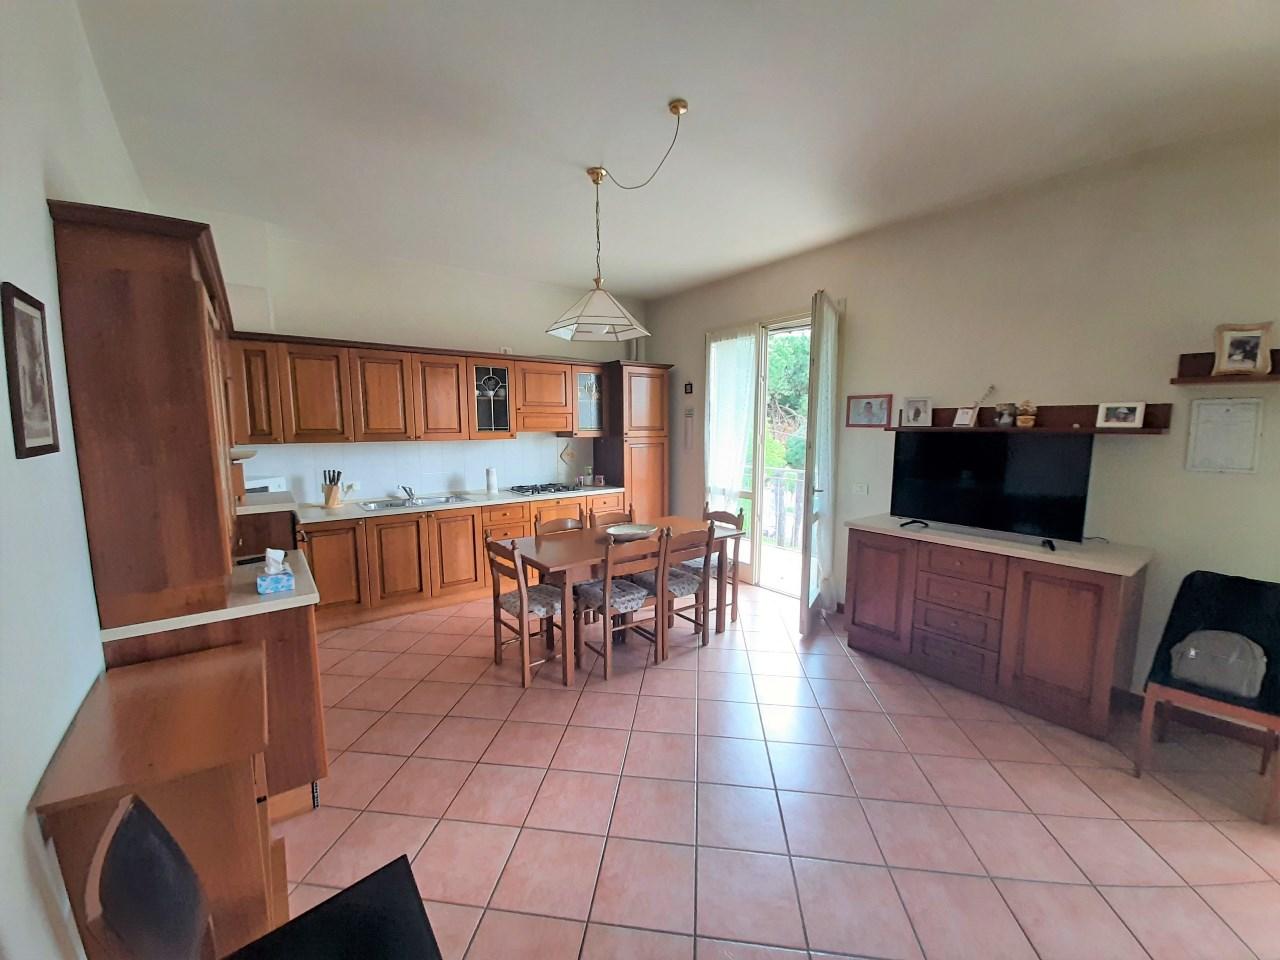 Appartamento in vendita a Bedizzole, 3 locali, prezzo € 135.000   PortaleAgenzieImmobiliari.it